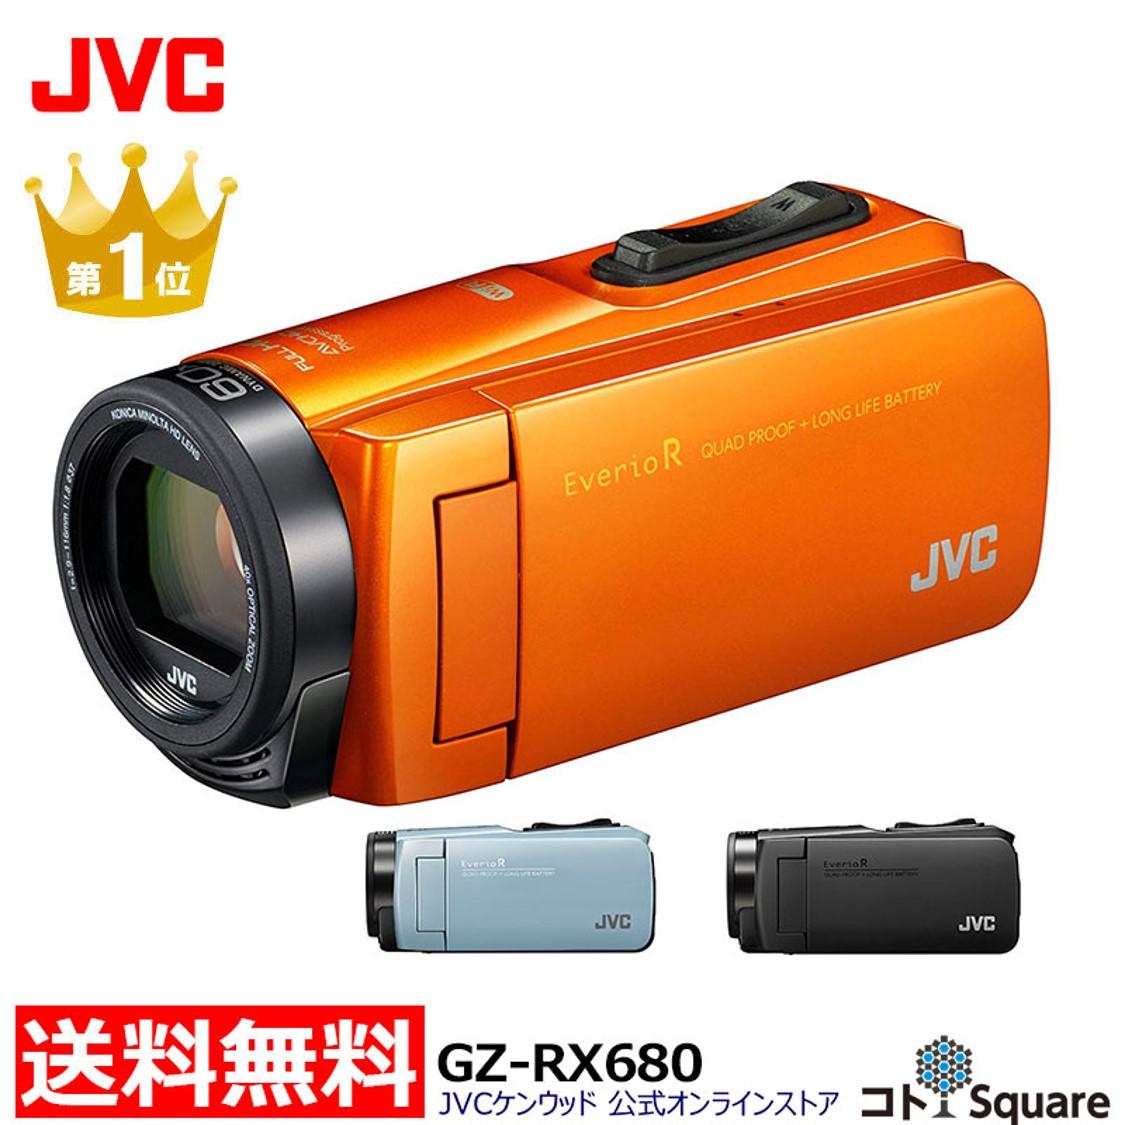 【3年延長保証対象商品】 ランキング1位! アウトレットJVC Everio R ビデオカメラ オレンジ ブルー ブラック 64GB 光学40倍 高倍率ズーム WiFi 防水/防塵/耐衝撃/耐低温 長時間 大容量バッテリー GZ-RX680